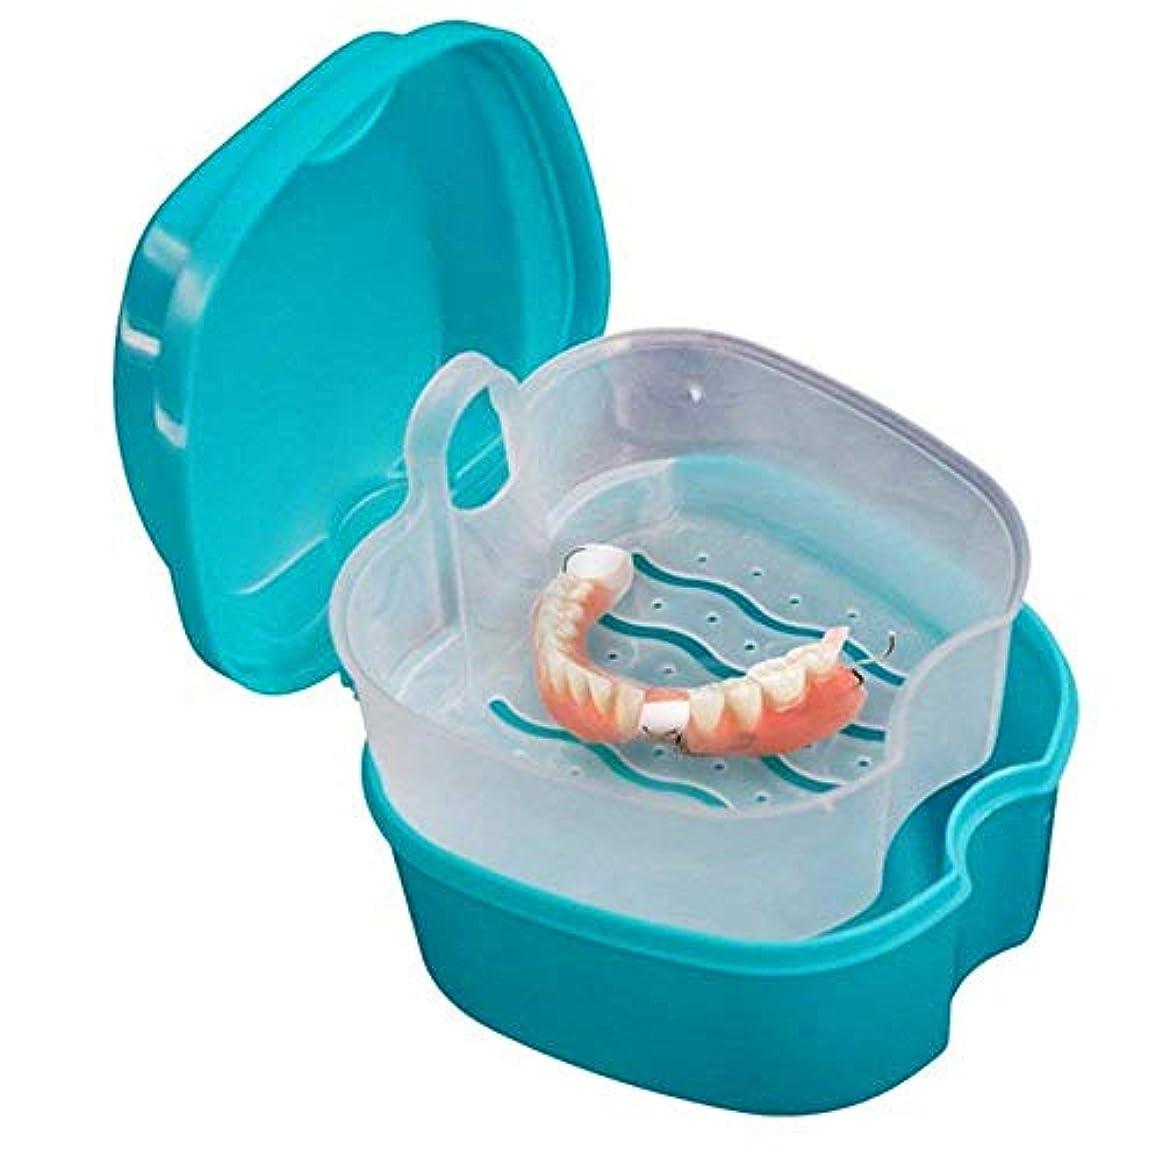 ささやき感謝祭実験をするCoiTek 入れ歯ケース 義歯ケース 携帯 家庭旅行用 ストレーナー付き ブルー